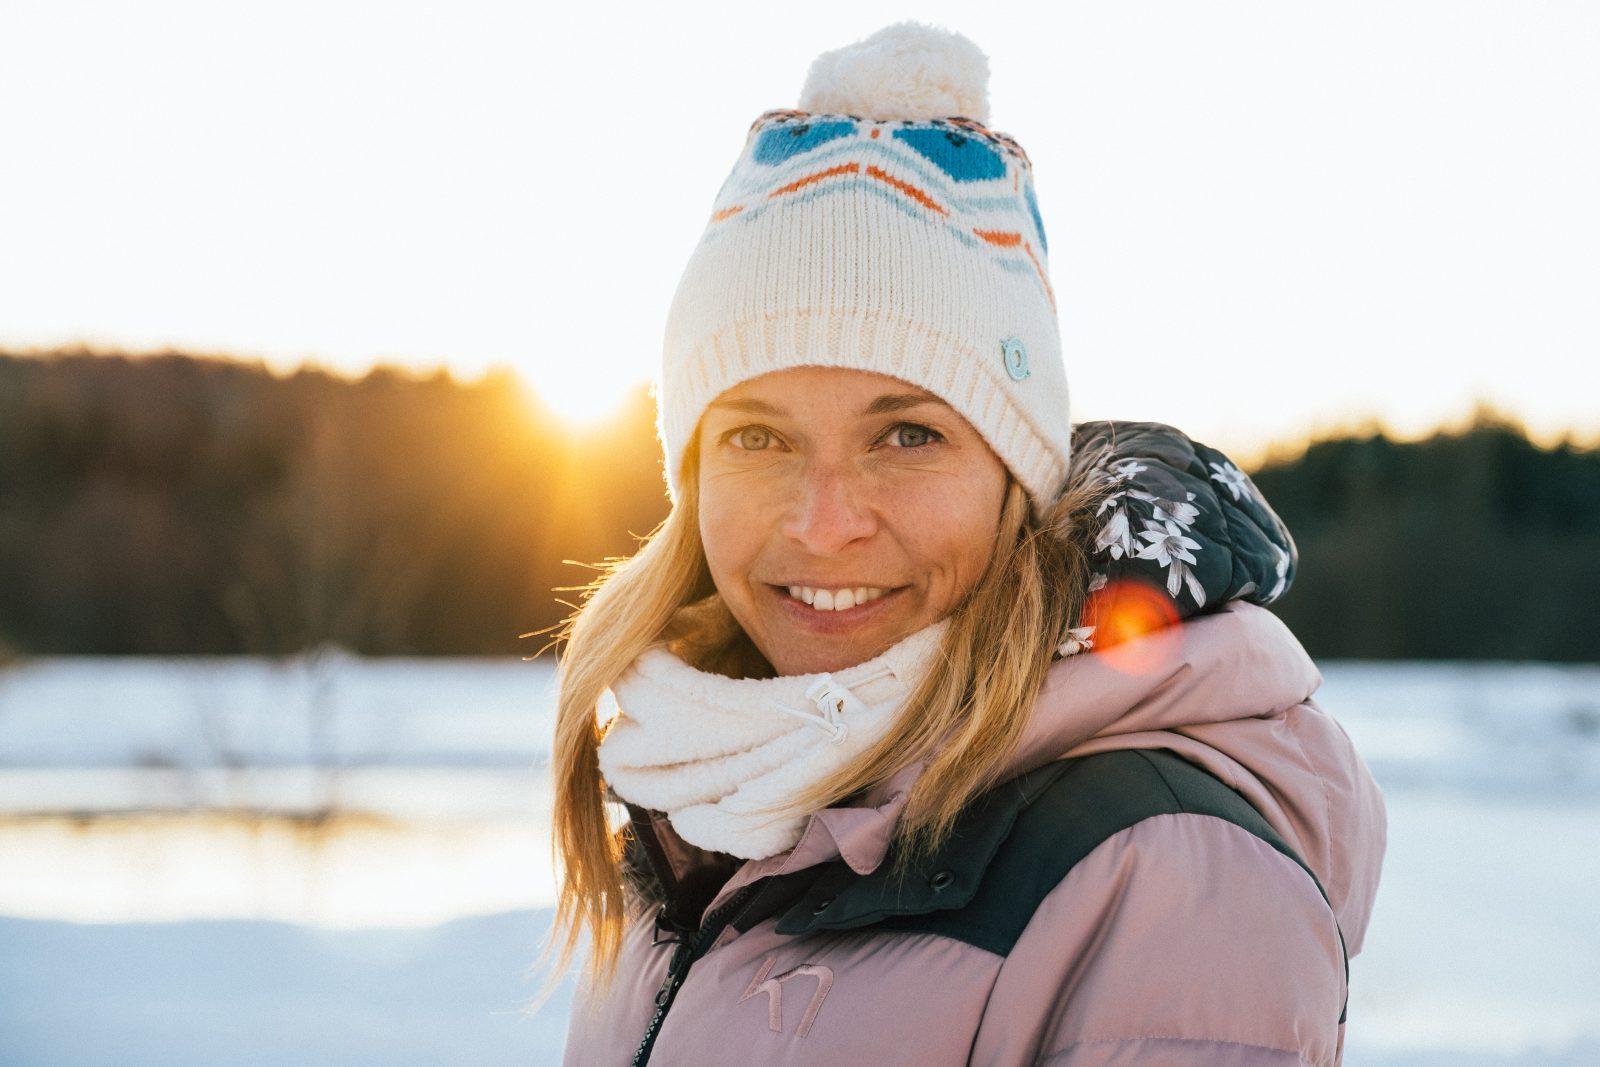 Brigitte Boisjoli à la conquête de l'hiver dans l'émission Attache ta tuque